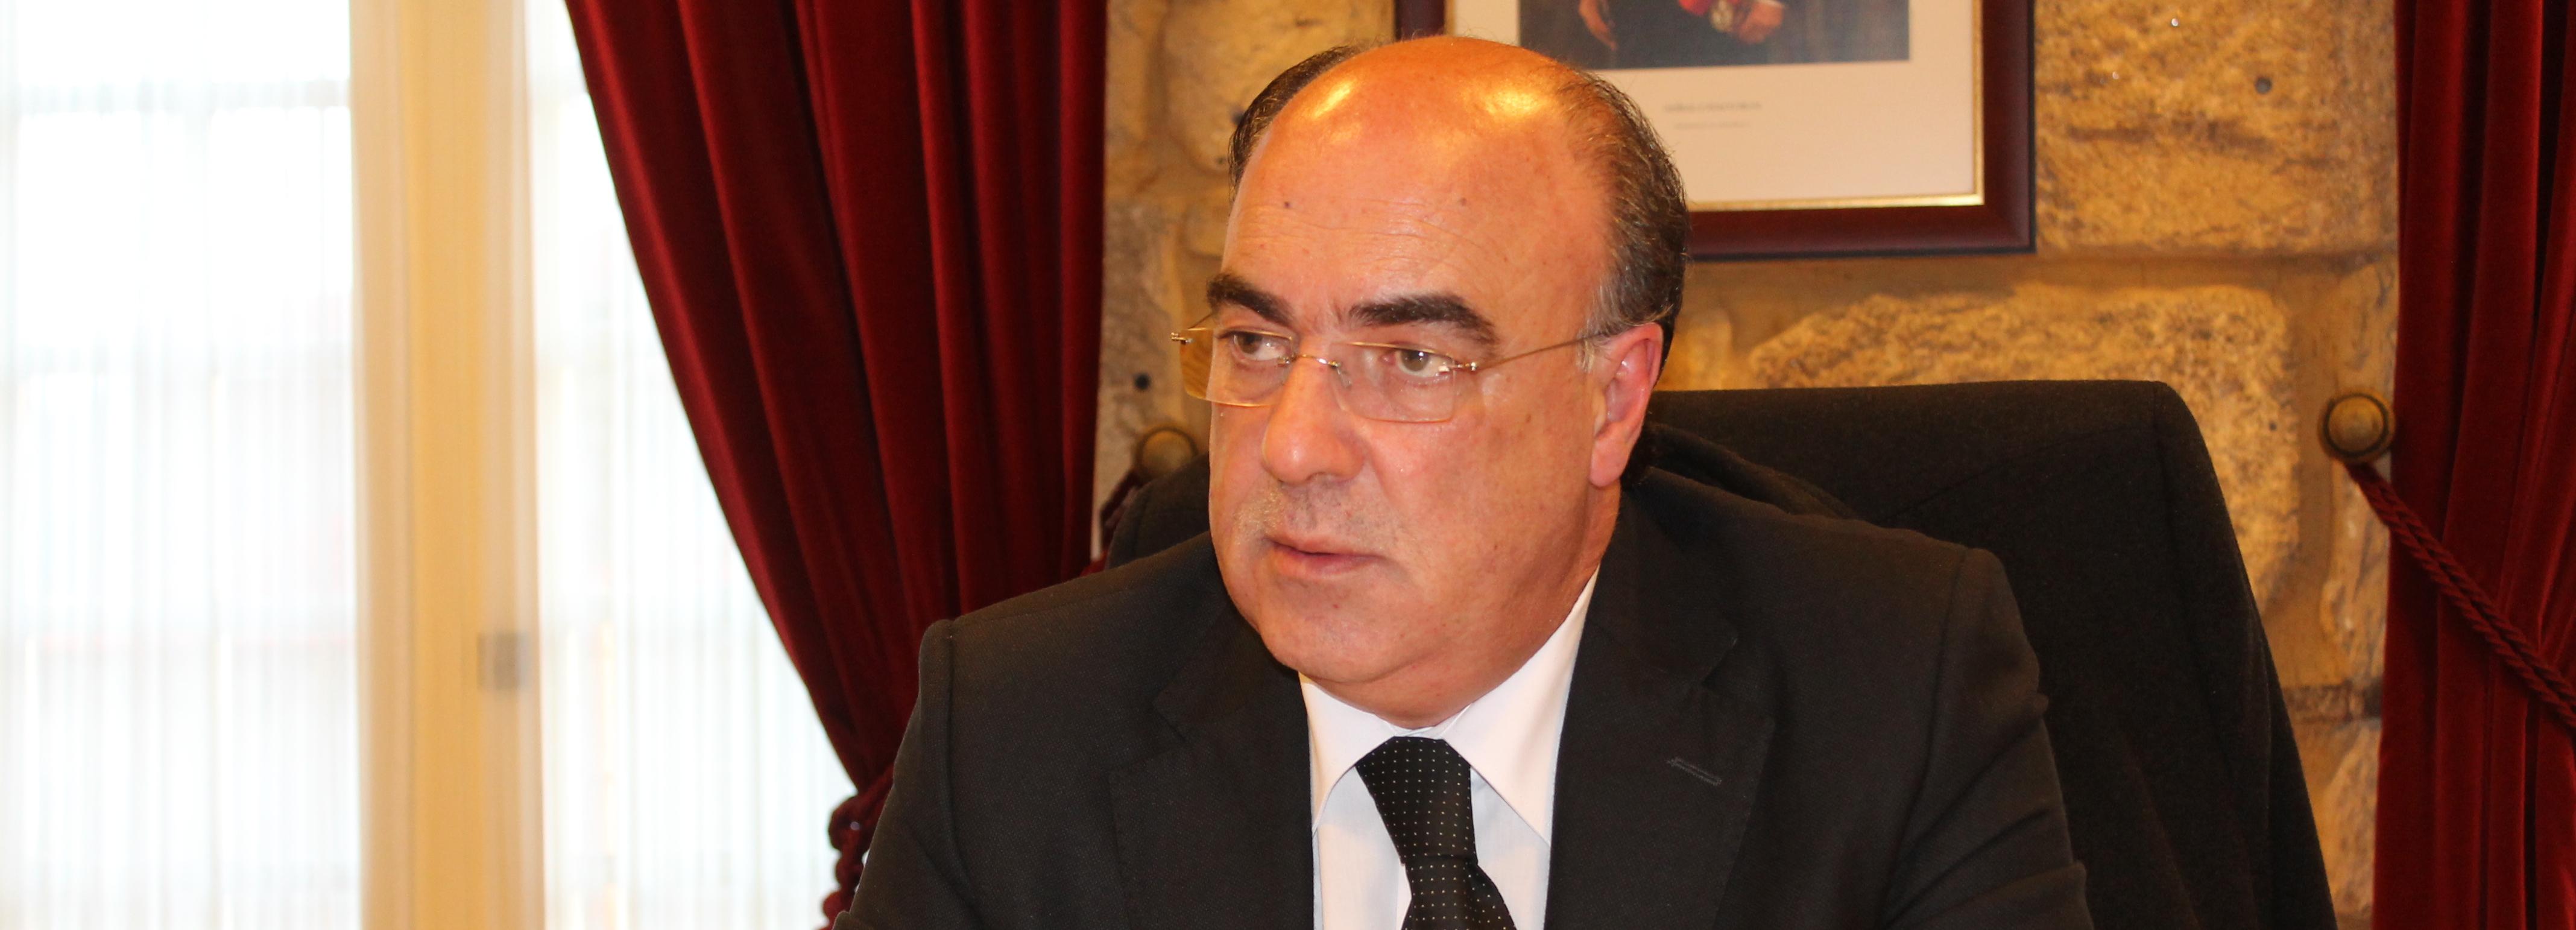 Câmara aprova subsídios às freguesias e associações no valor de mais de 400 mil euros